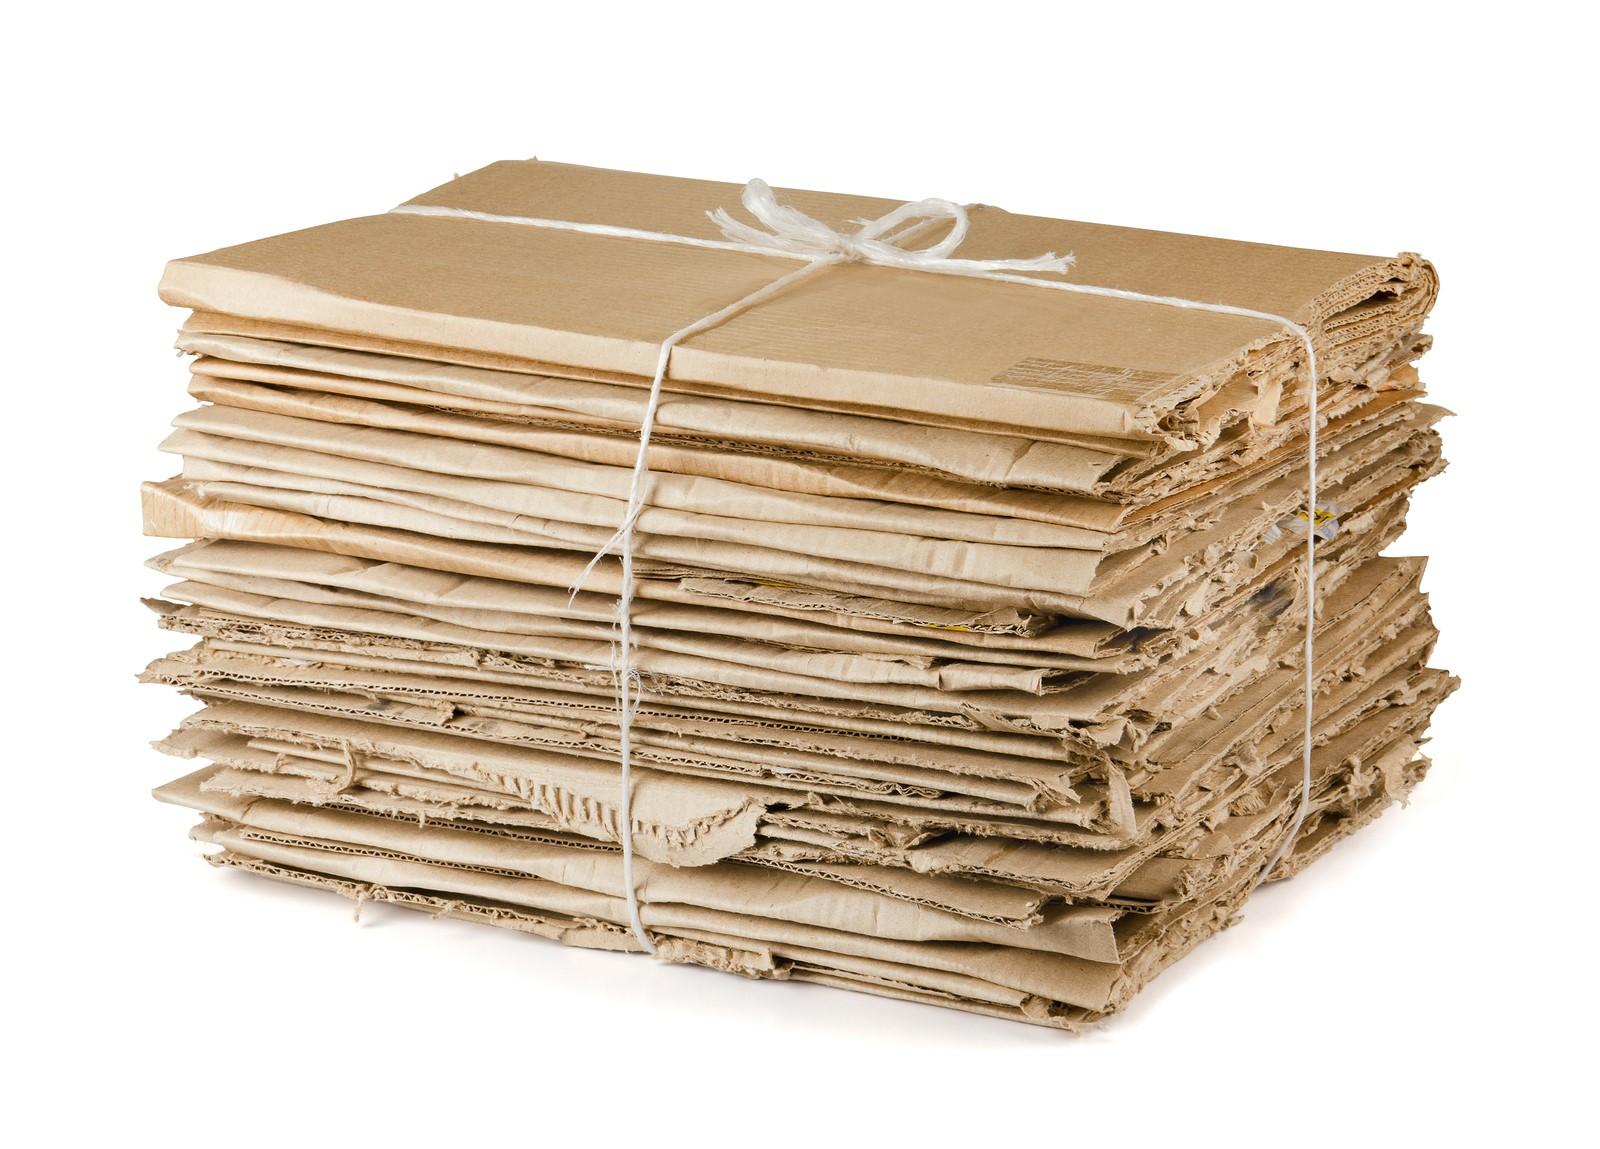 картон и газеты картинки отредактировать